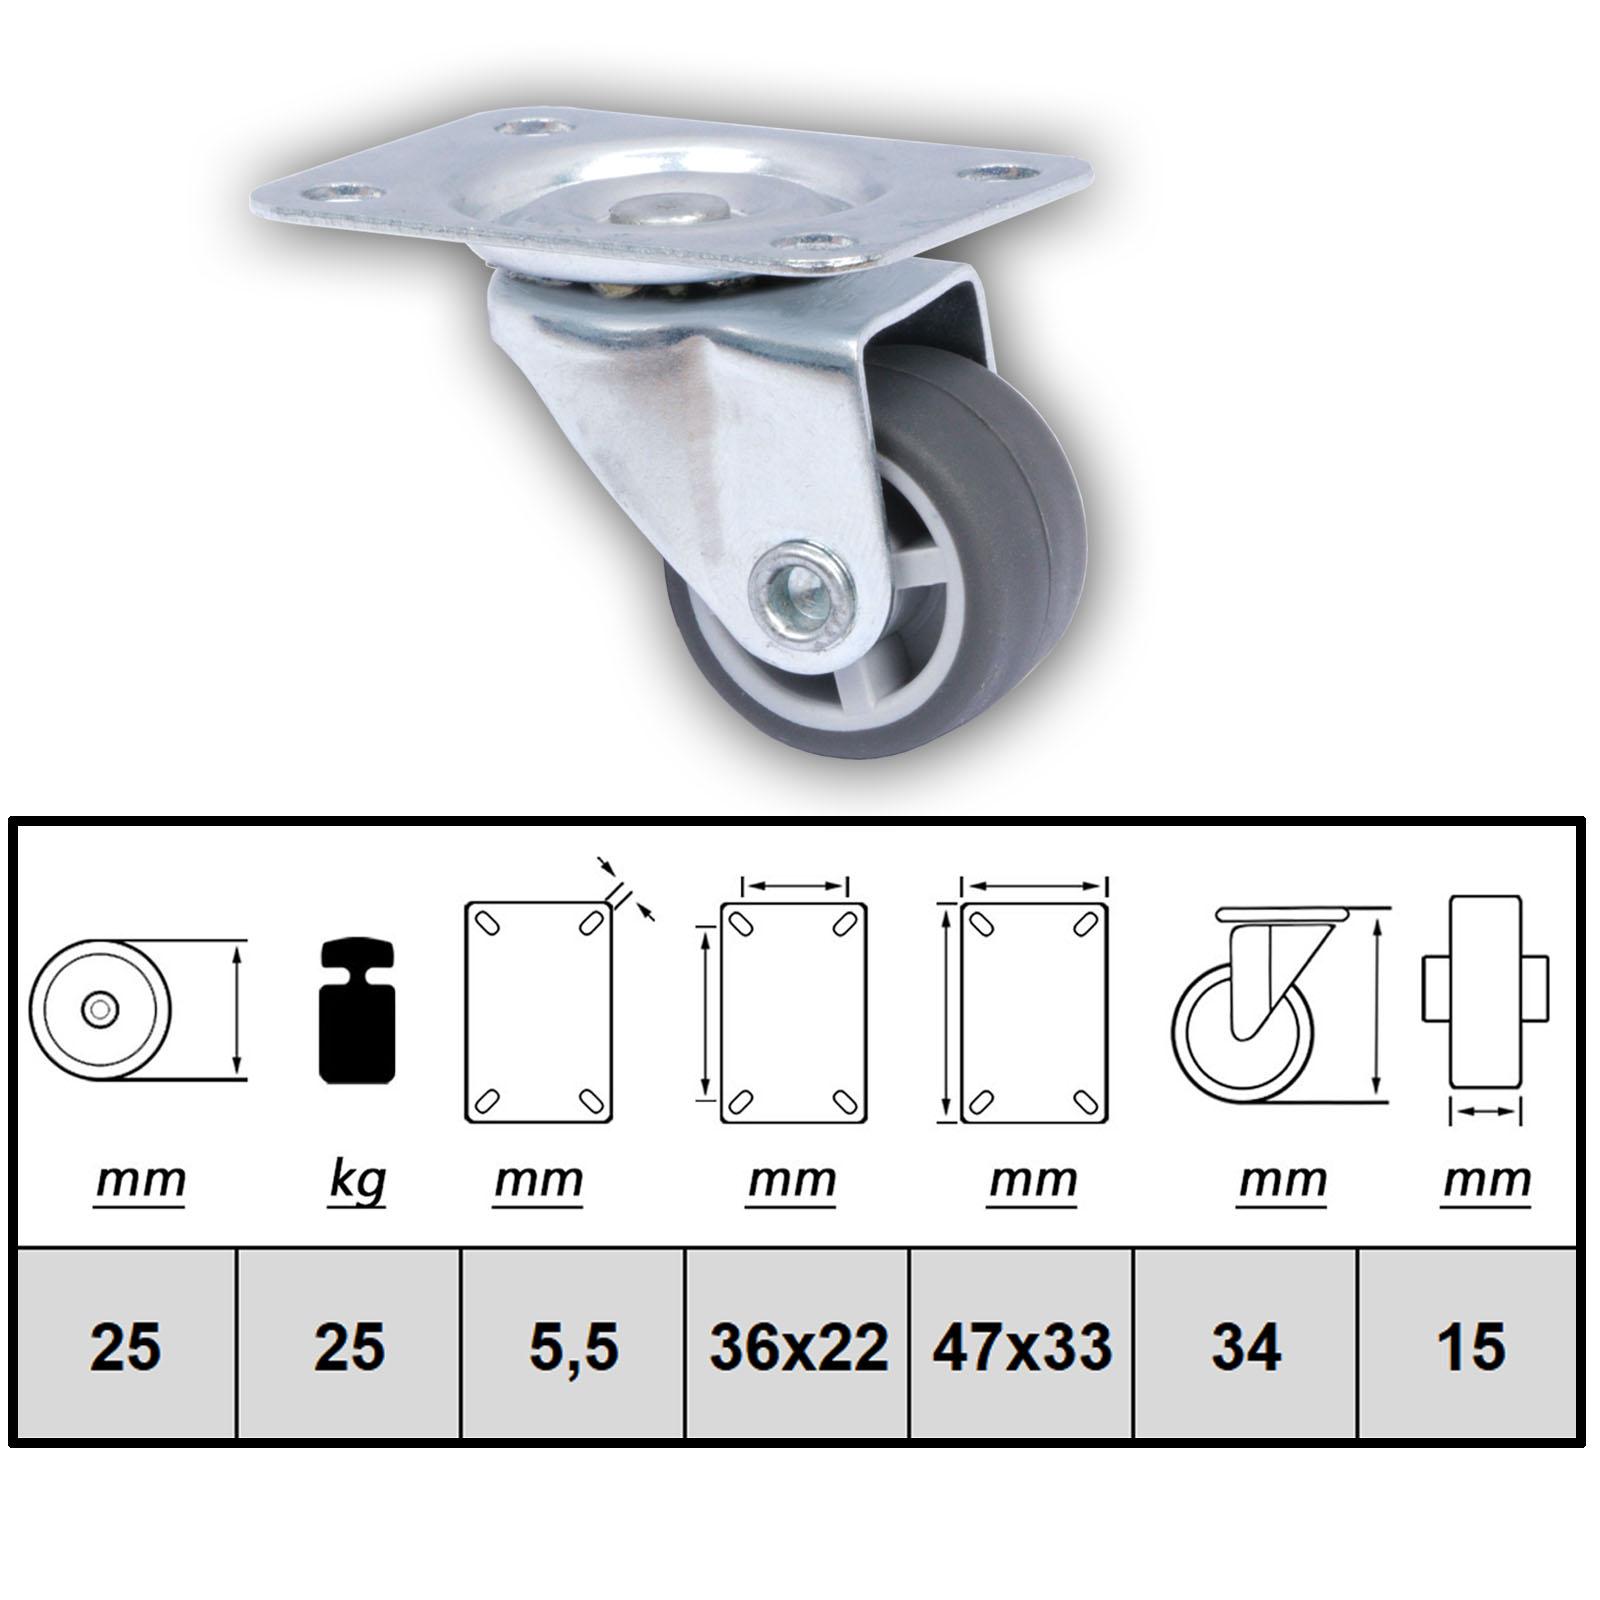 Minirolle 4 Stück Möbel-Rollen 25mm Transportrollen Lenkrollen Möbelrolle